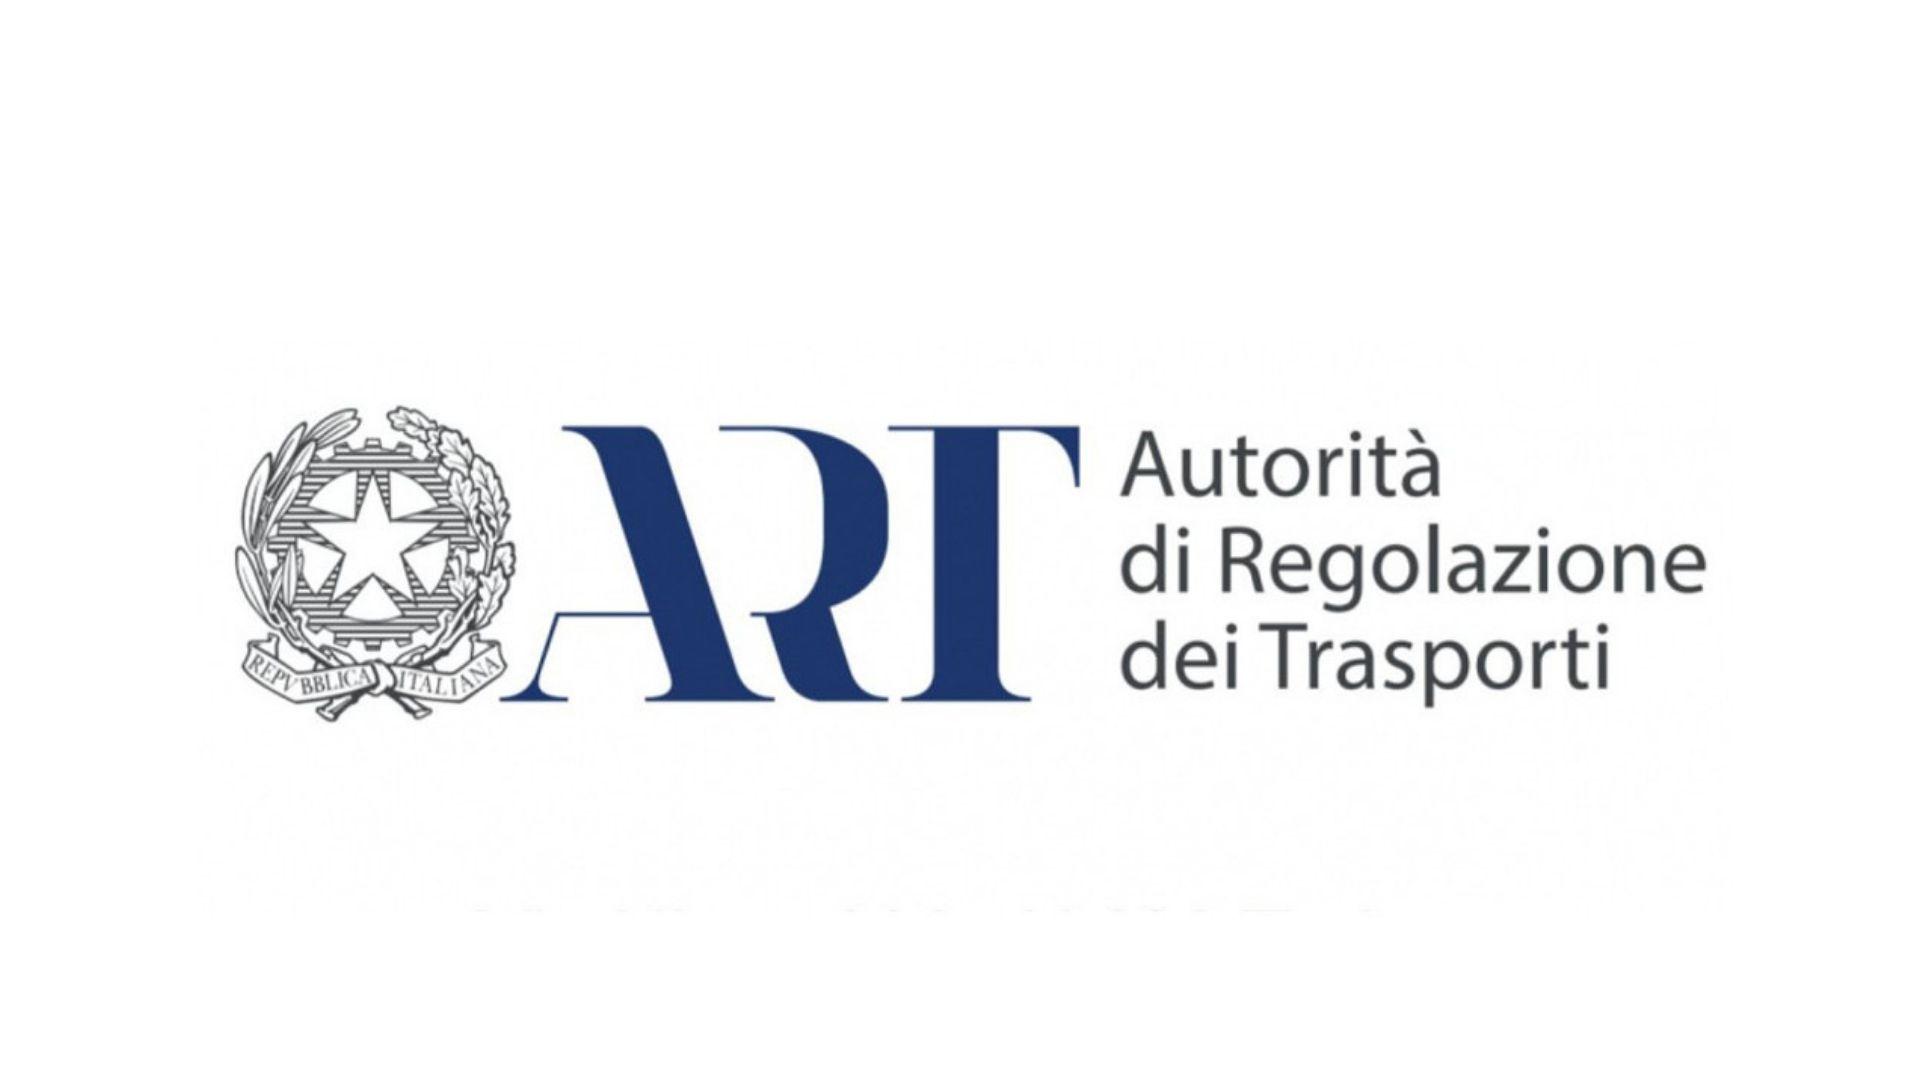 Autorita di Regolazione dei Trasporti v4